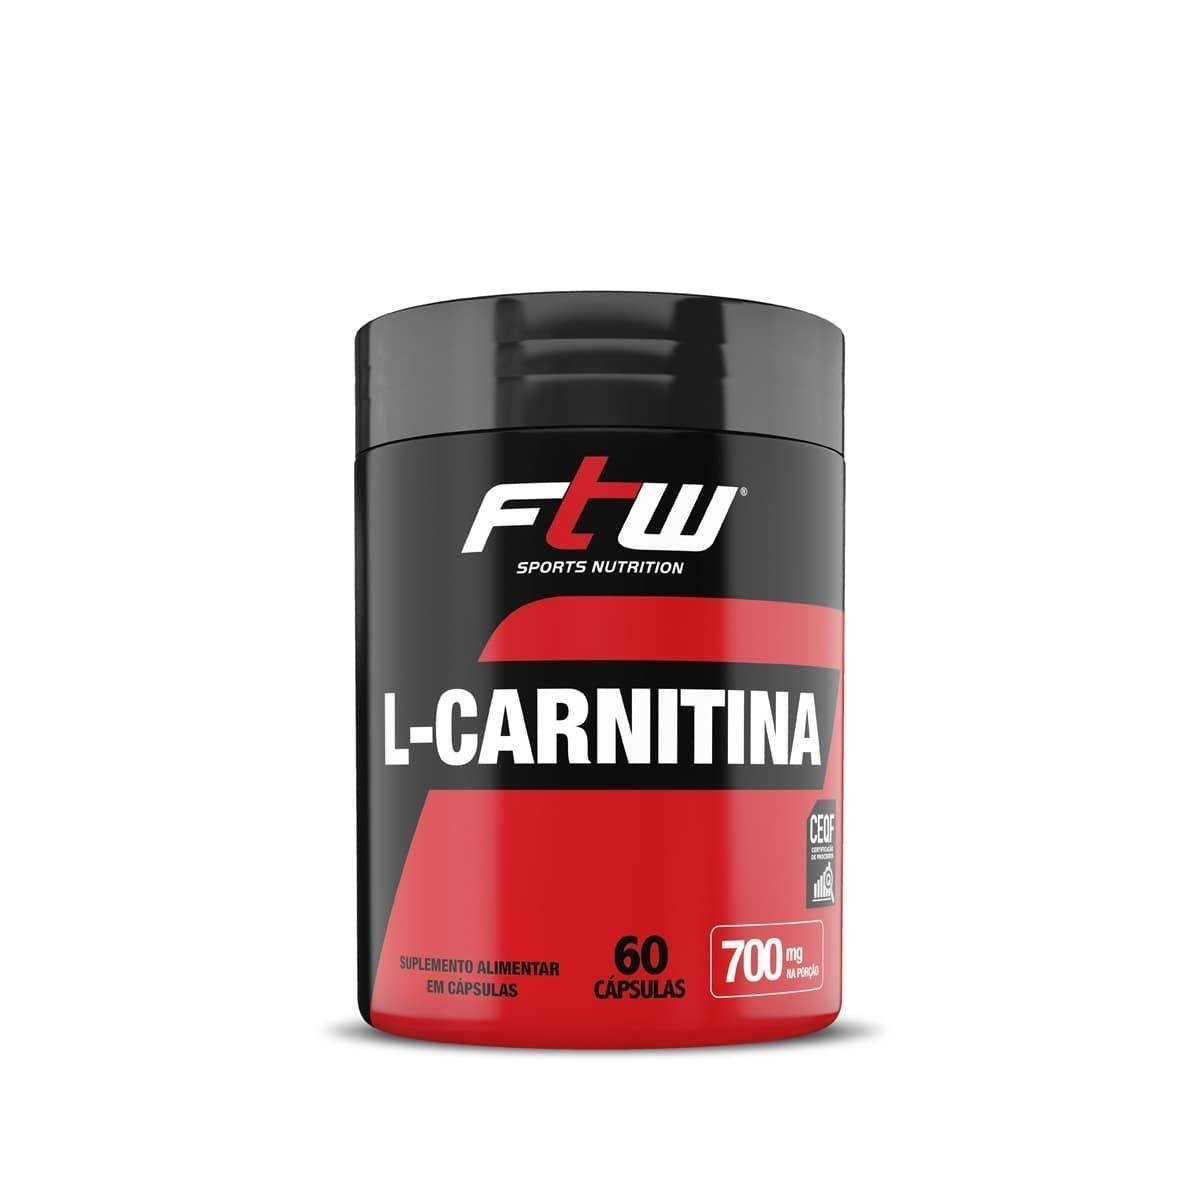 Imagem do produto L-CARNITINA FTW 350mg - 60 CÁPS